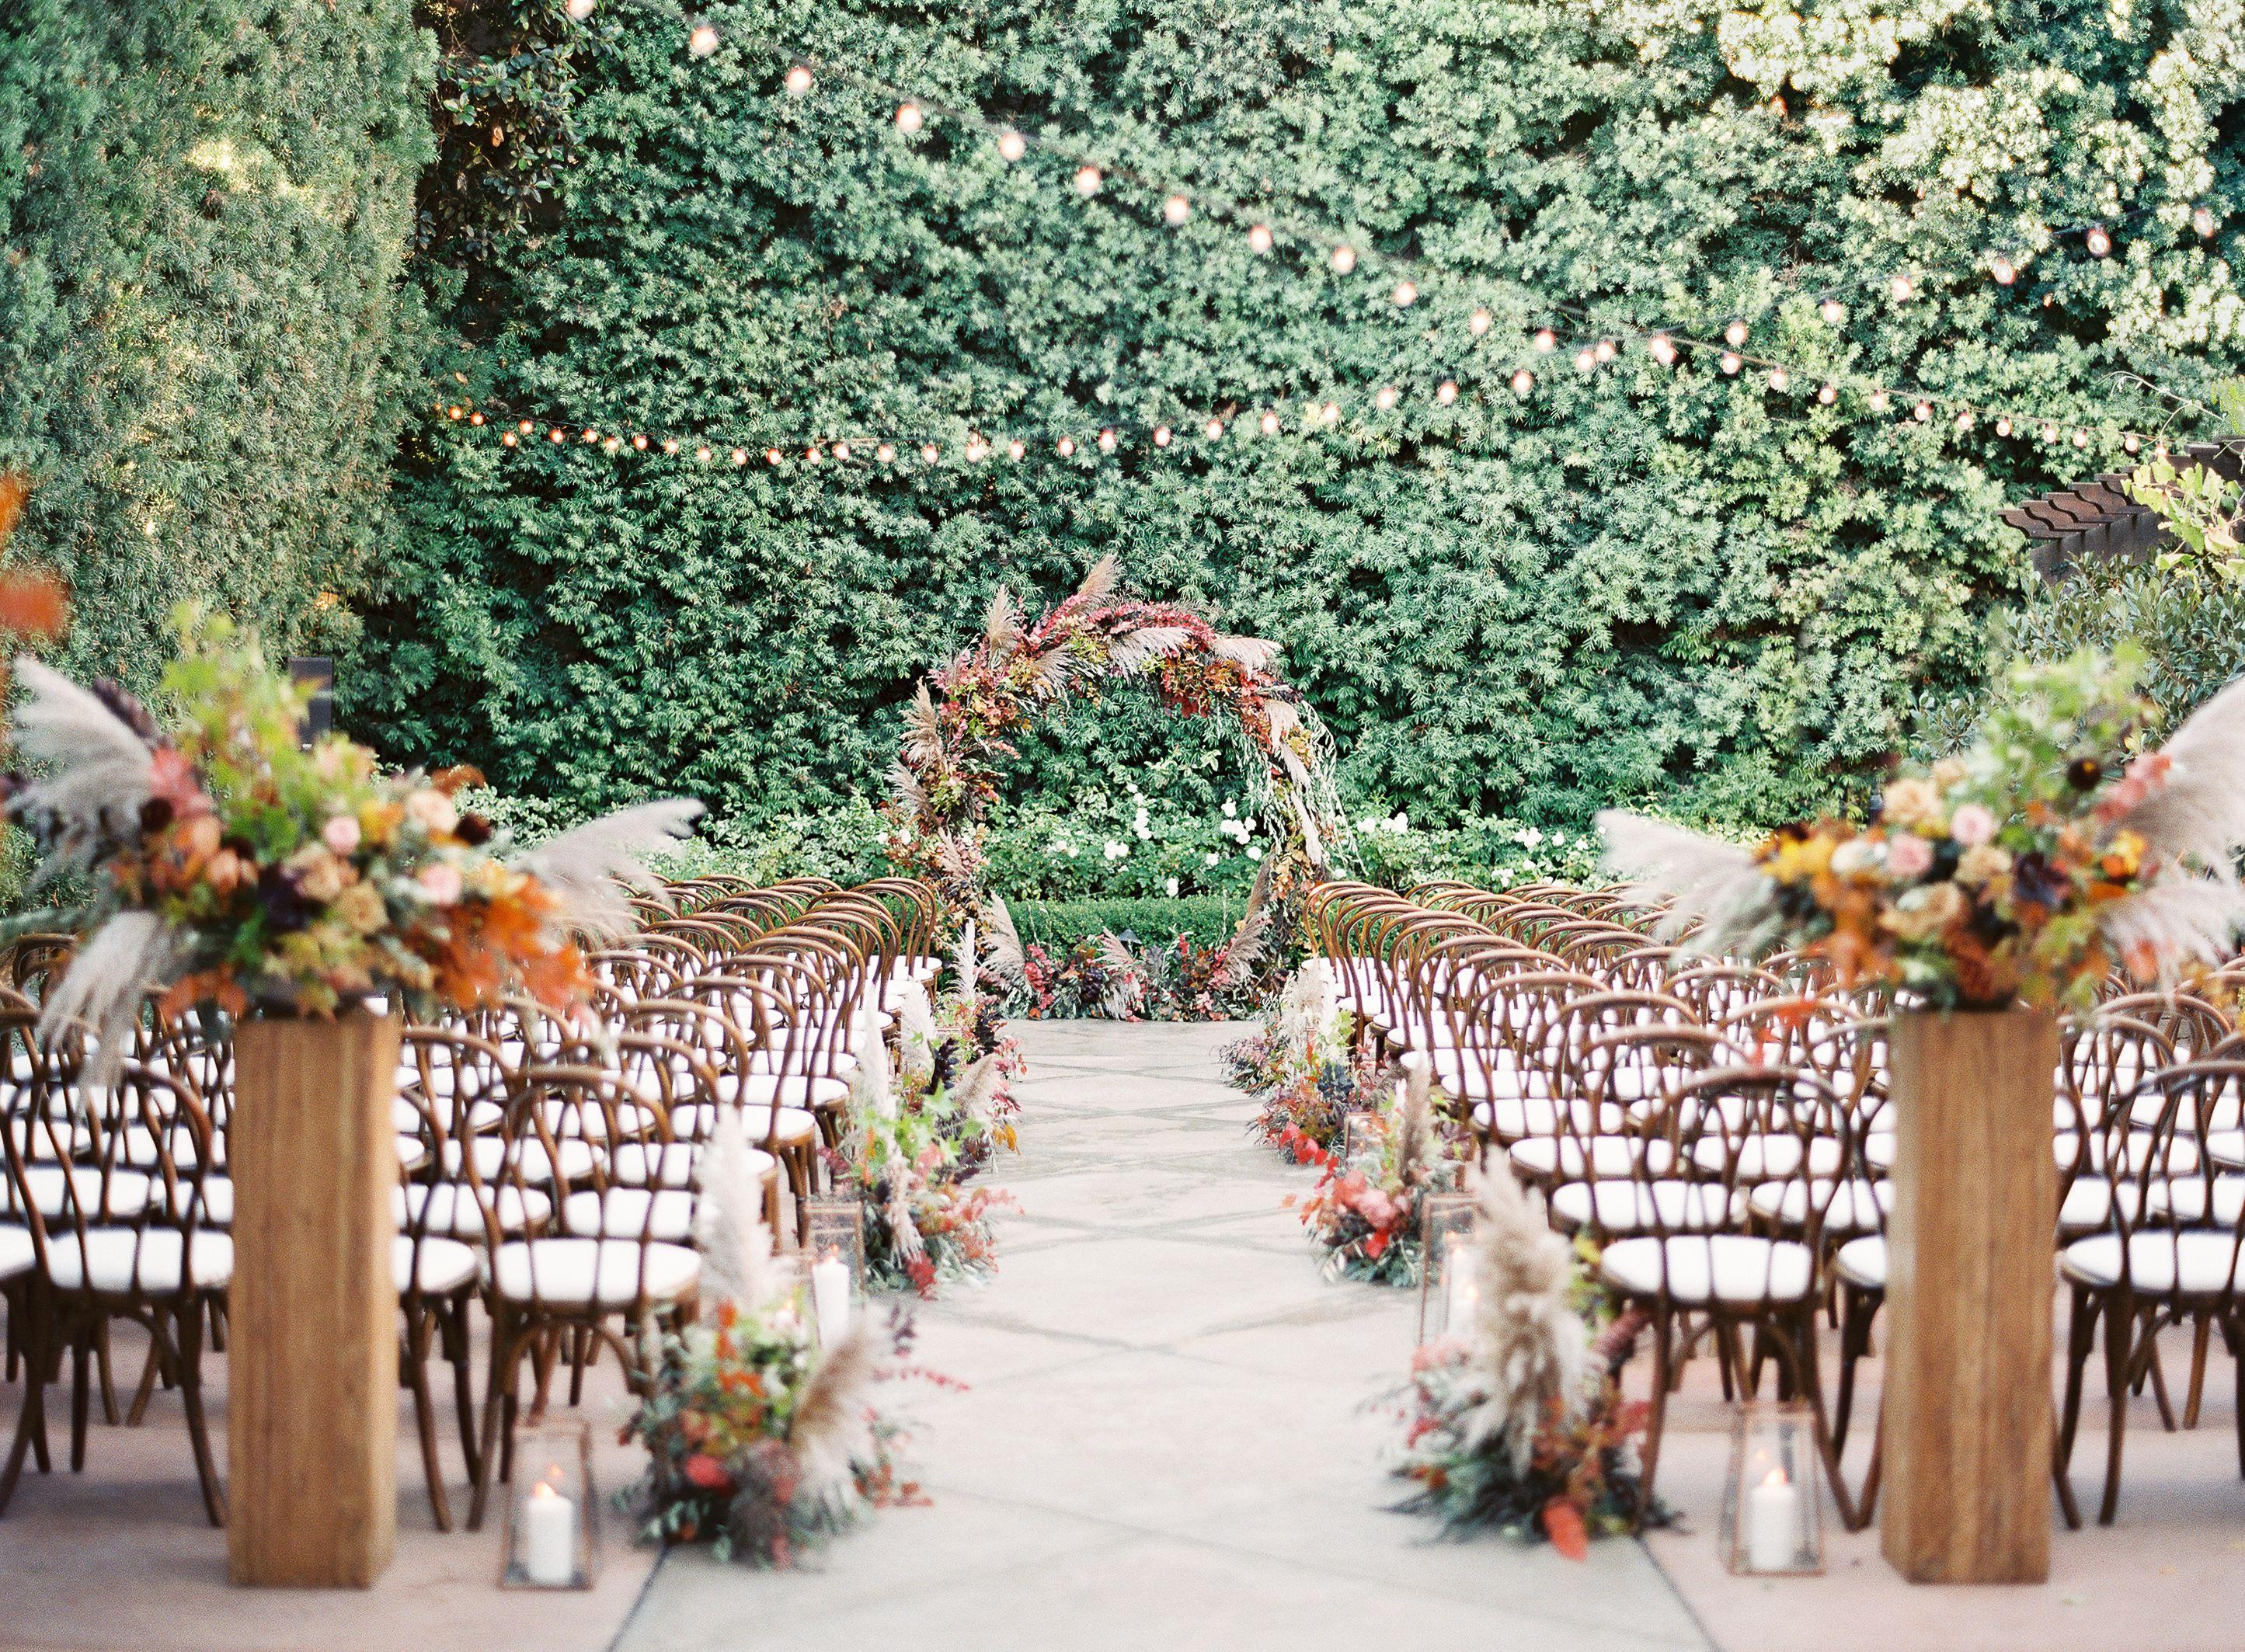 9 Pretty Fall Wedding Arch Ideas - Outdoor Fall Wedding Altars